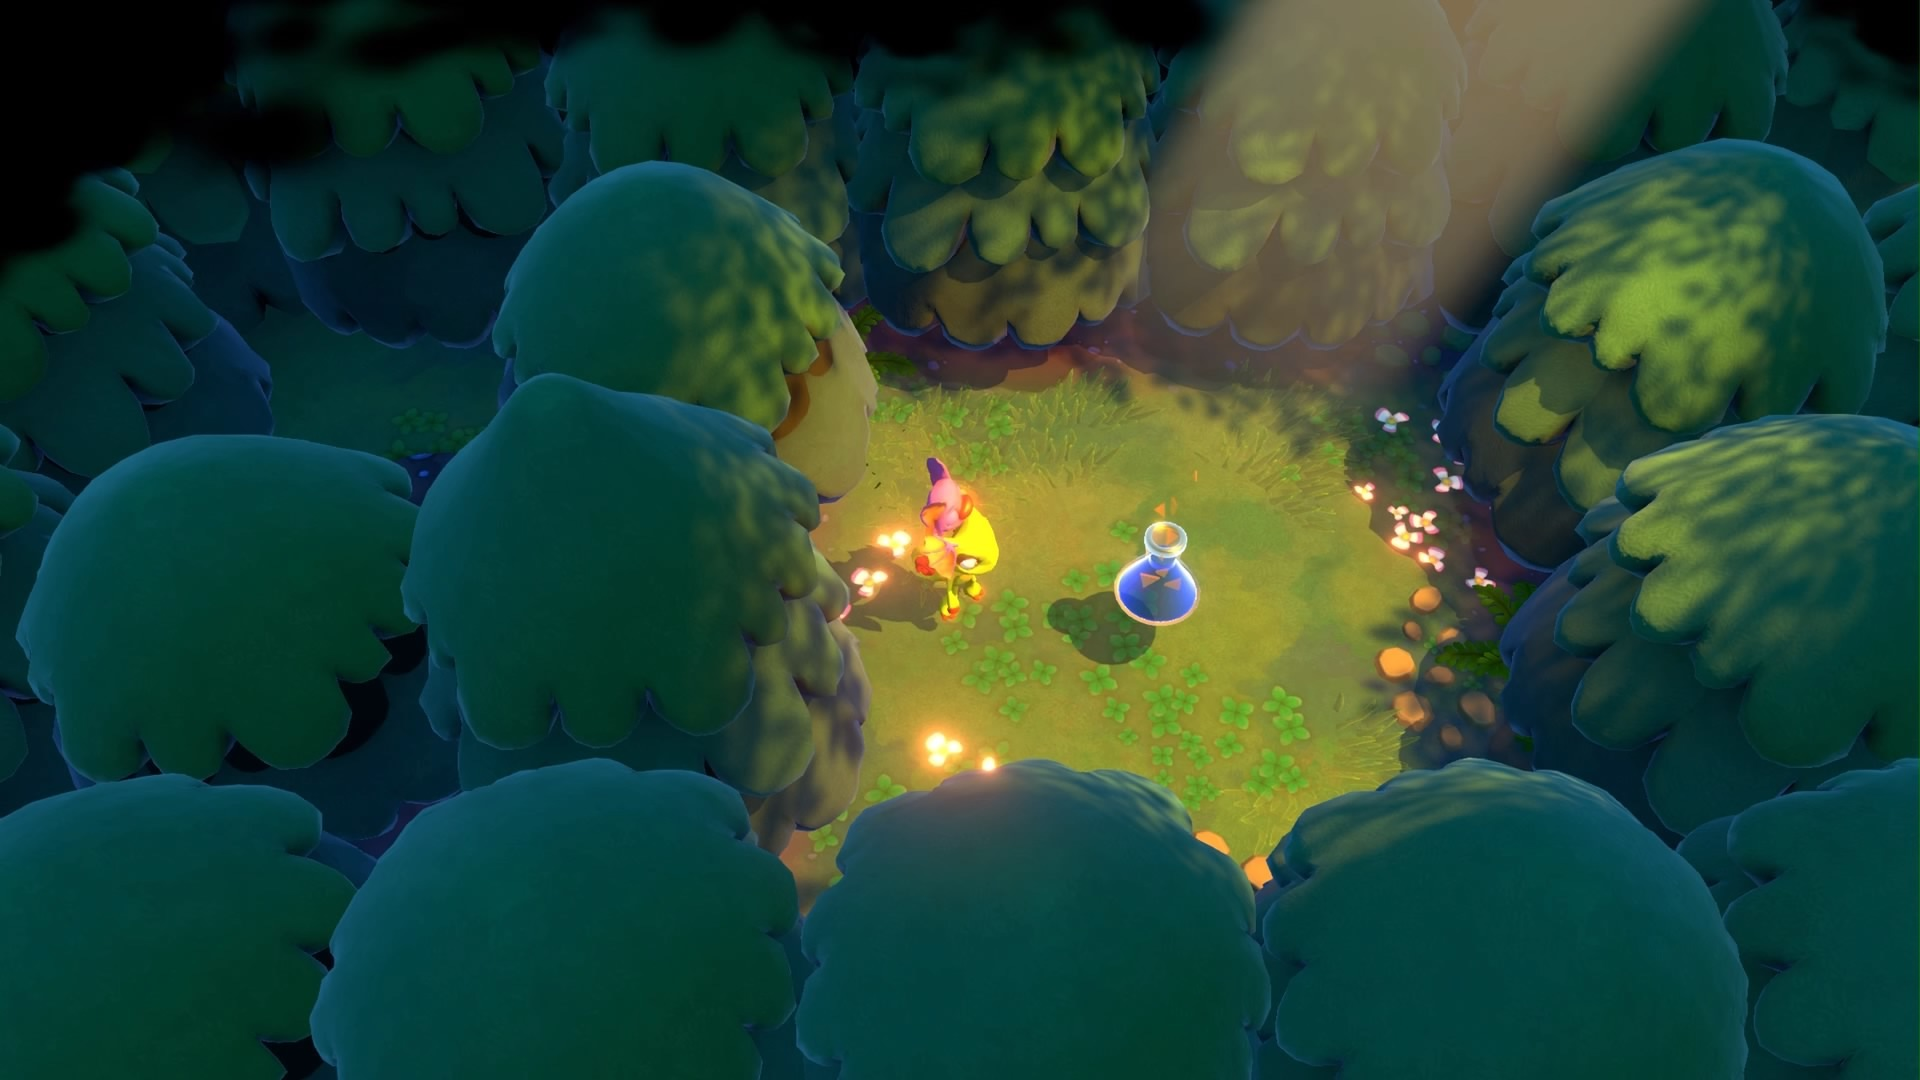 インポッシブル迷宮® 森林エリア-4